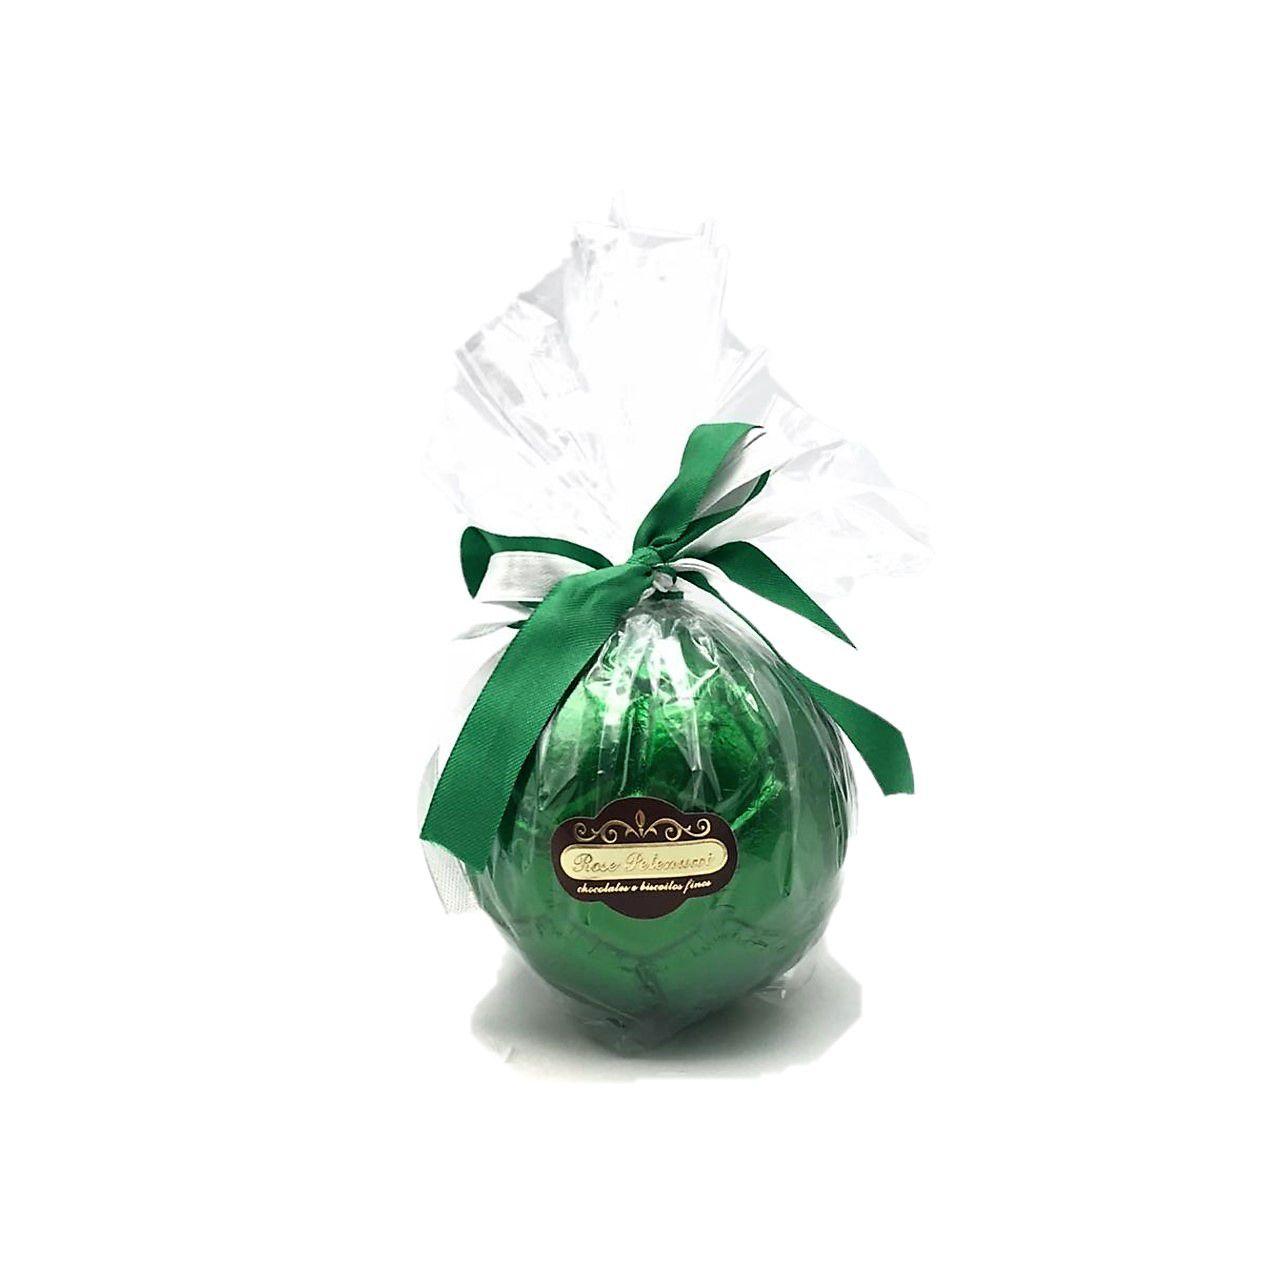 Bola de futebol de chocolate ao leite G - Verde